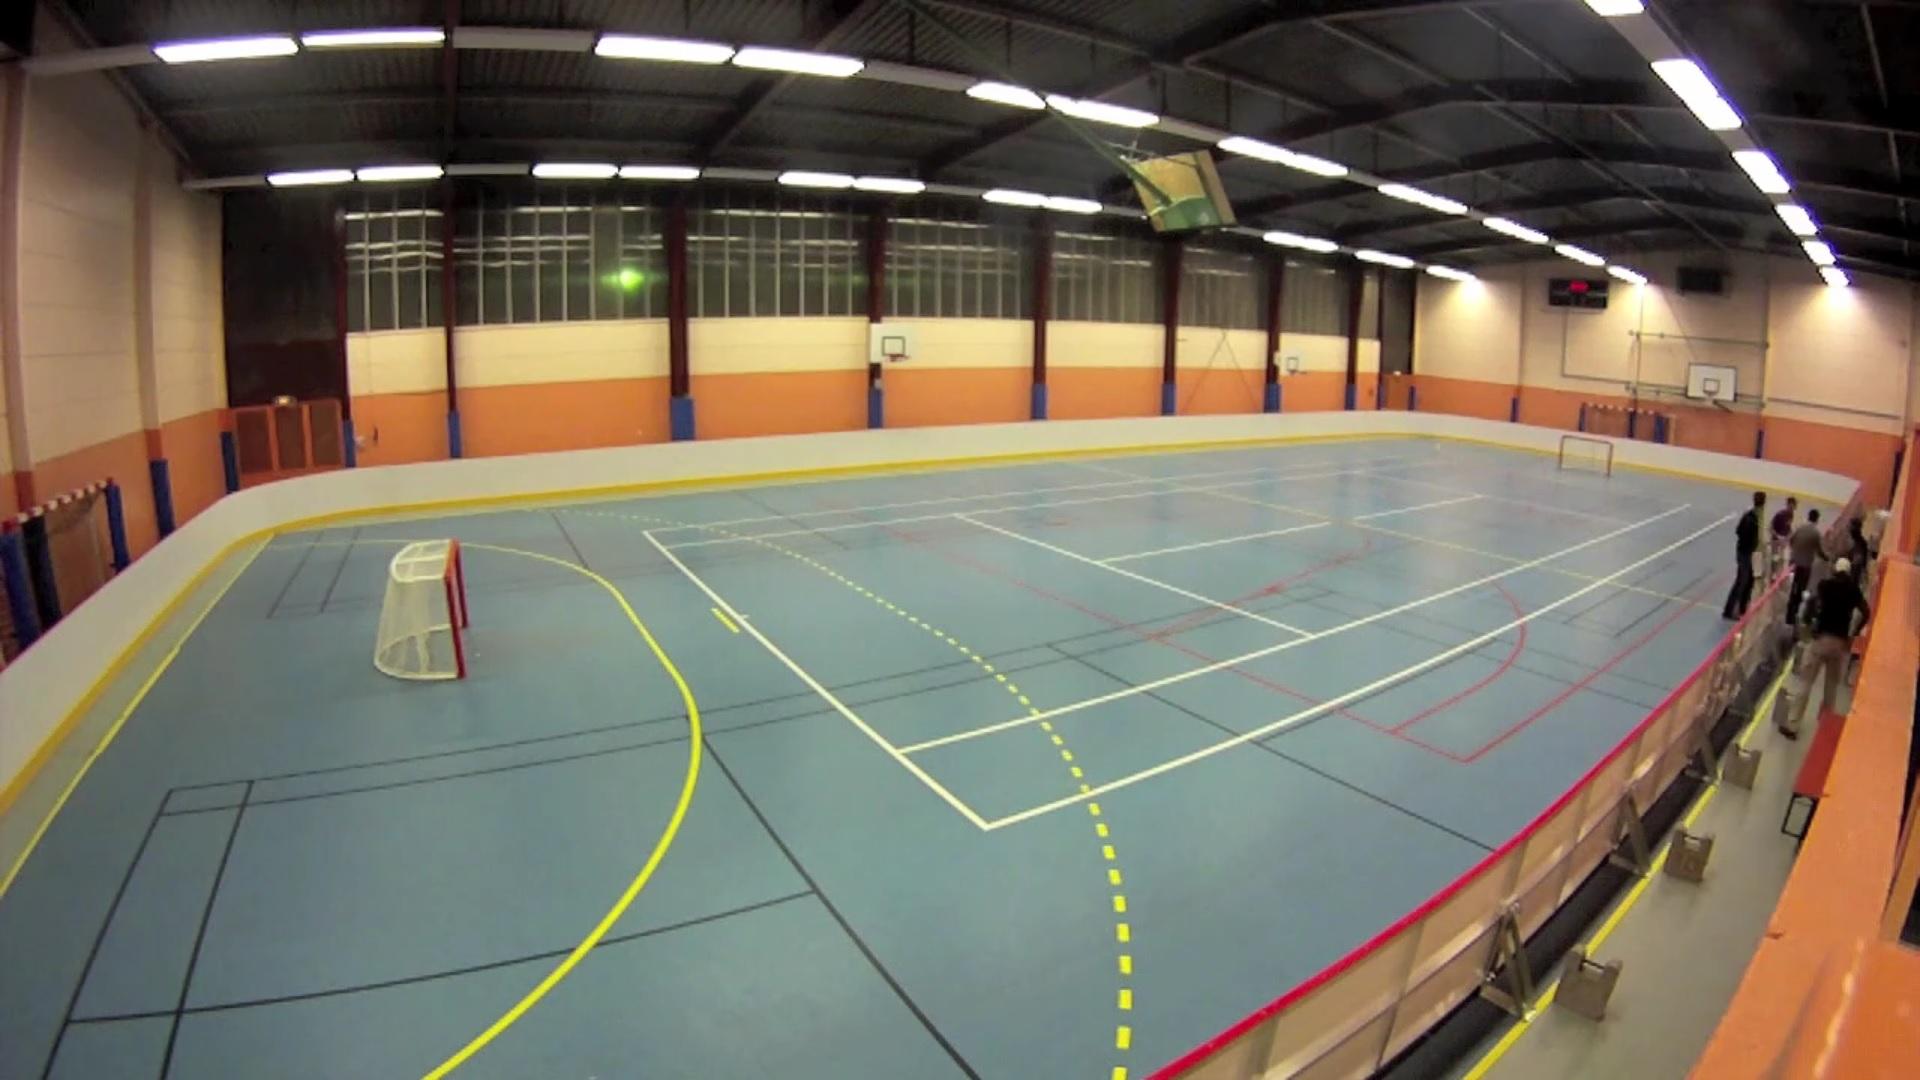 Terrain ASSG Roller Sports